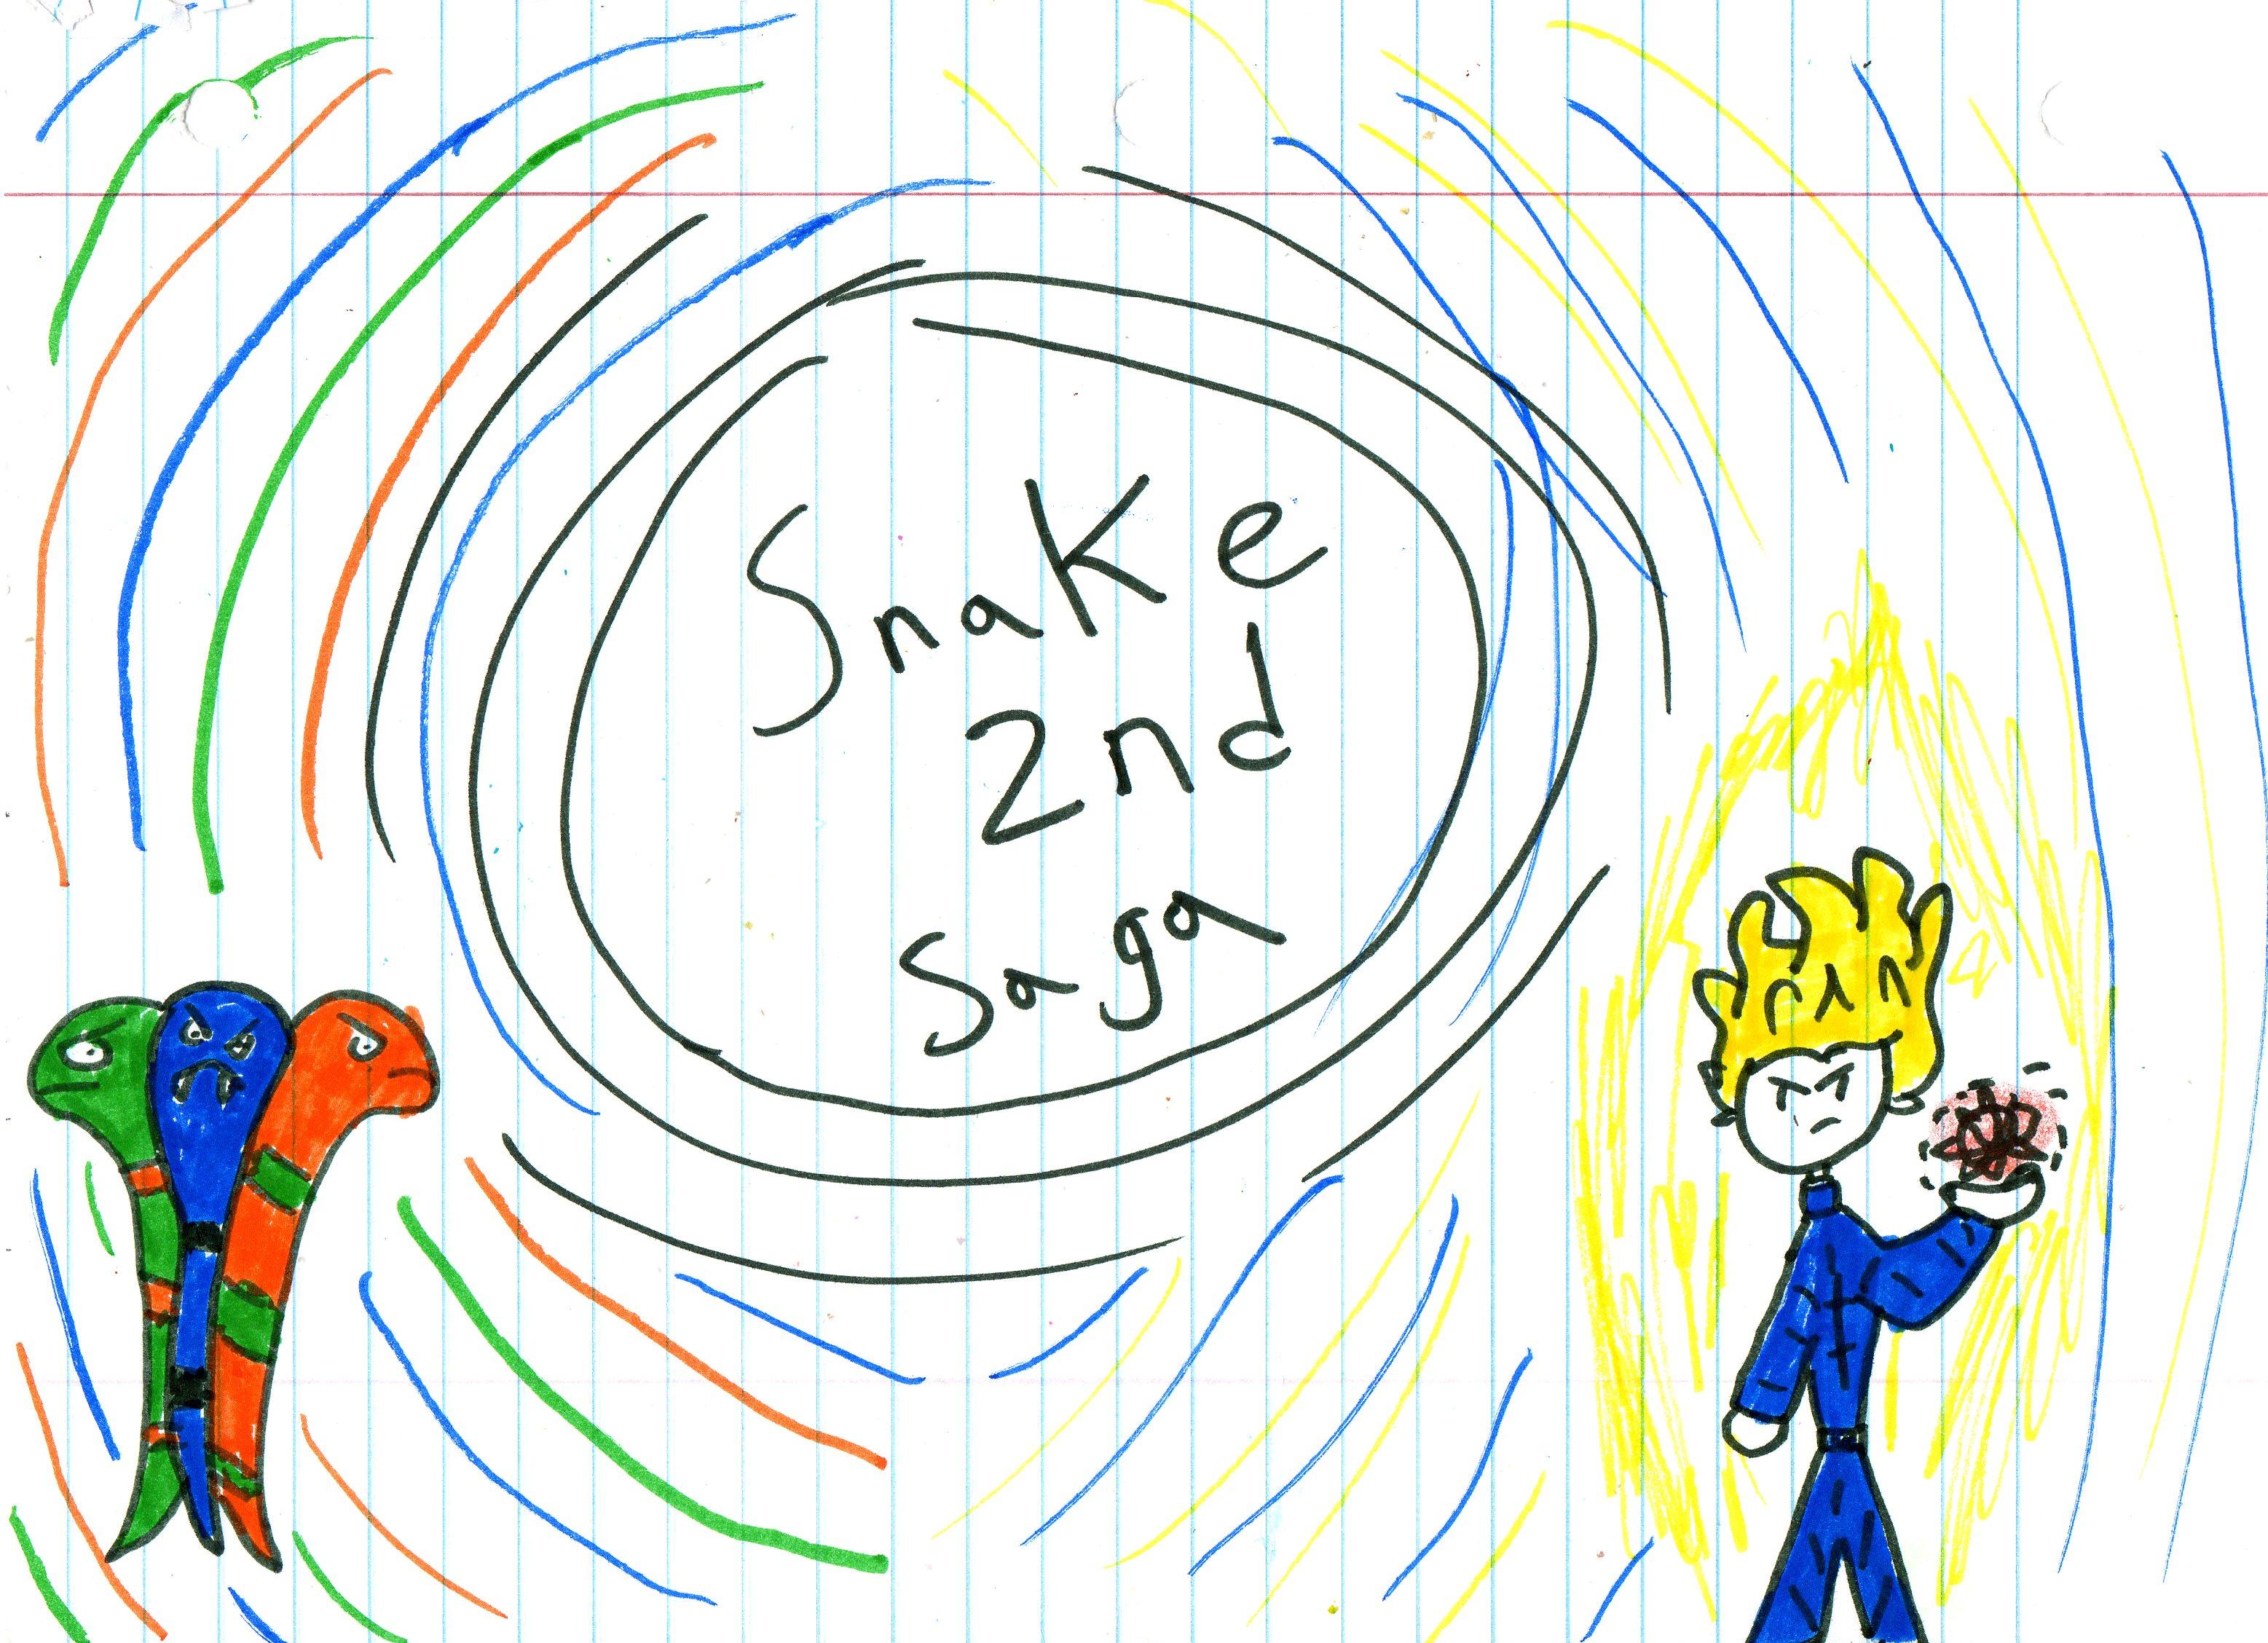 Snake 2nd Saga